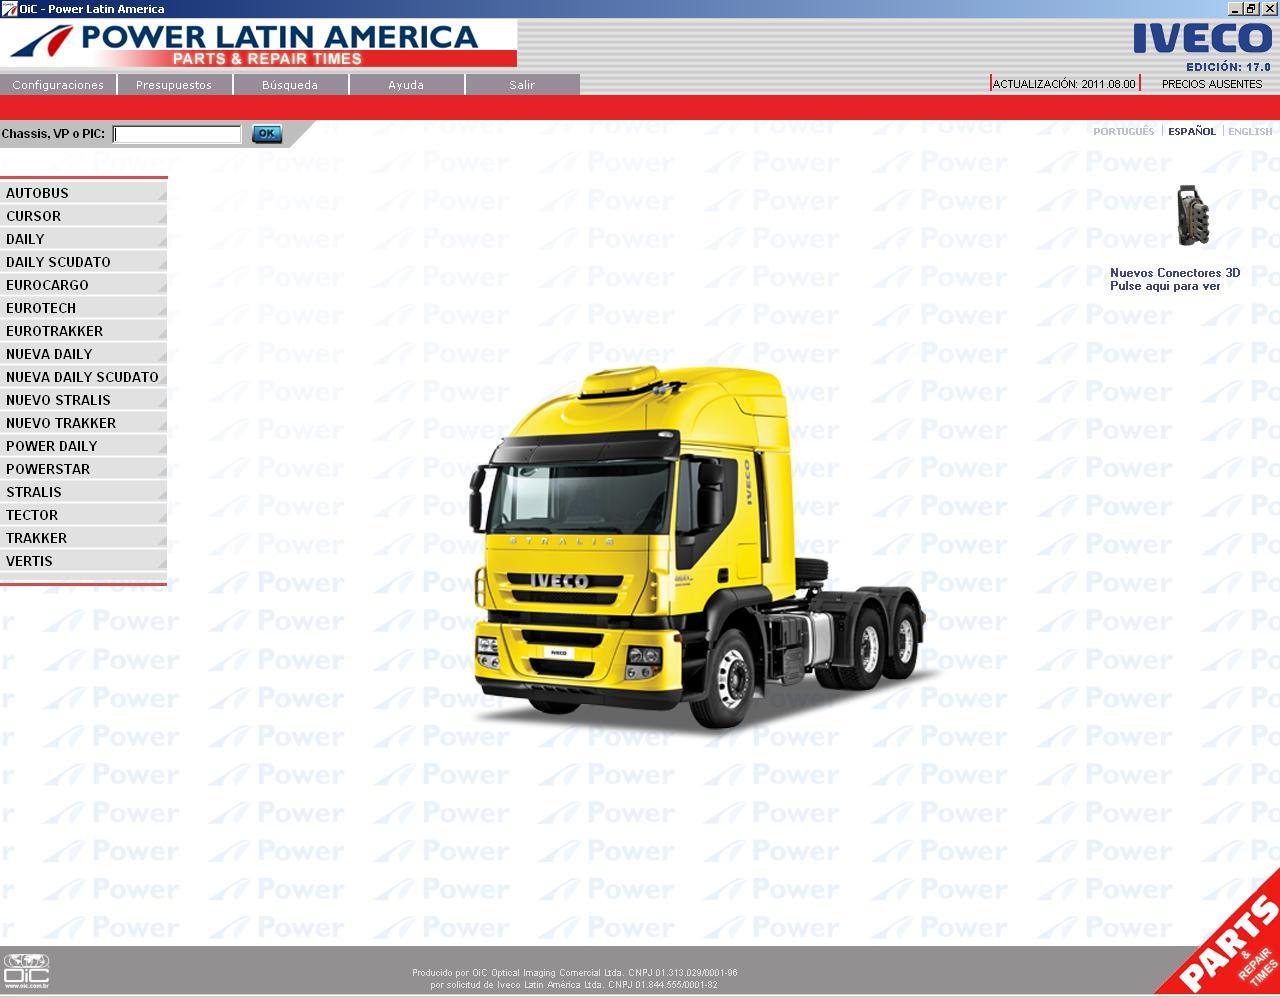 IVECO POWER Latin America